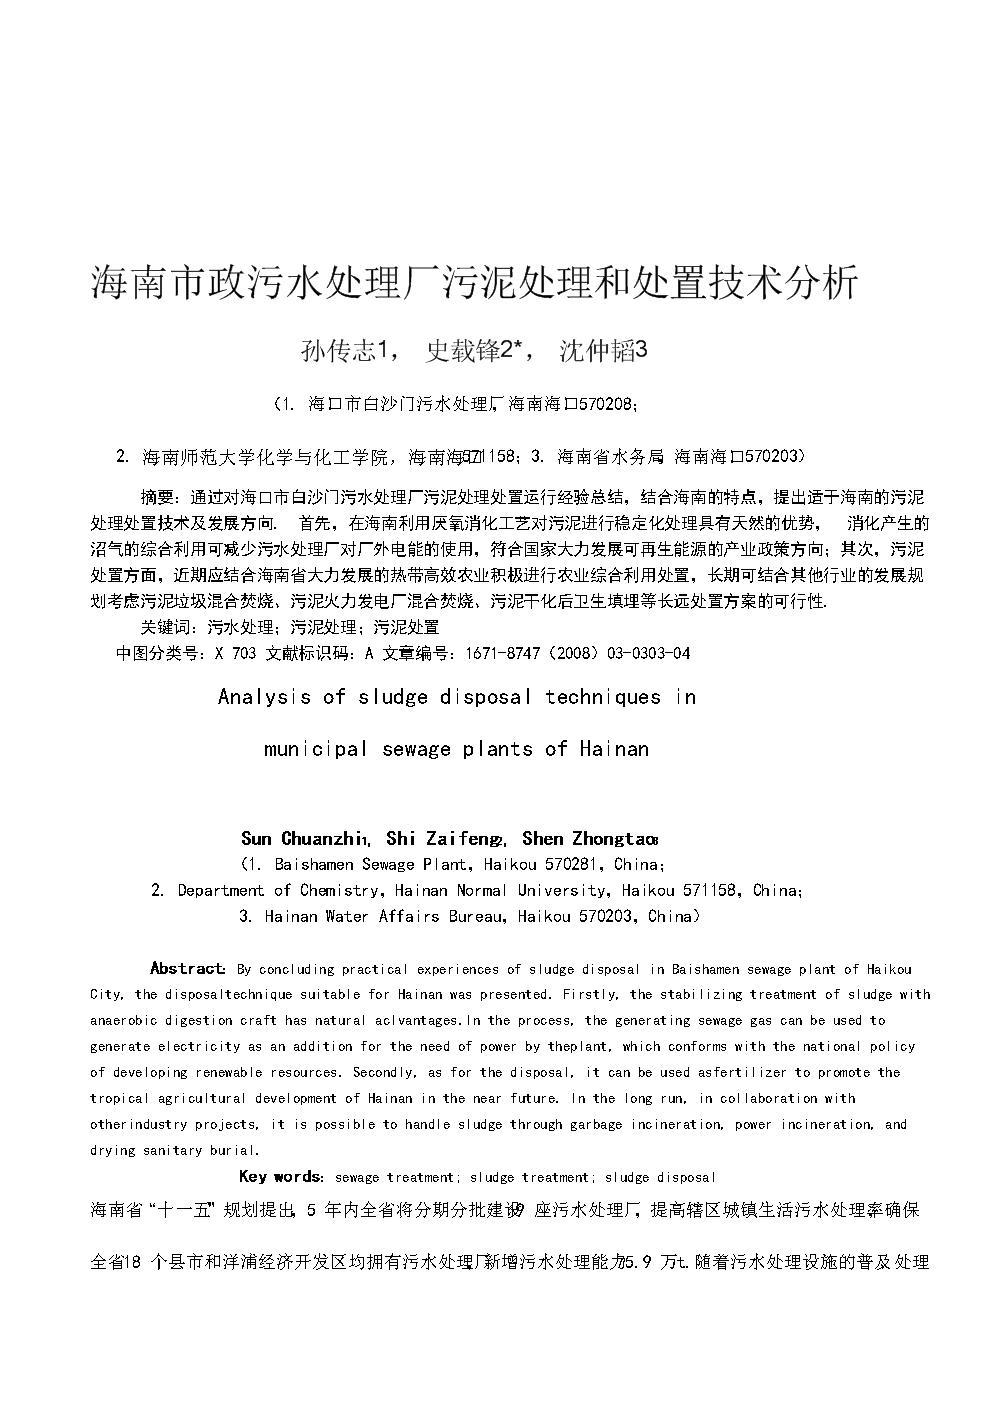 海南市政污水处理厂污泥处理和处置技术分析.doc